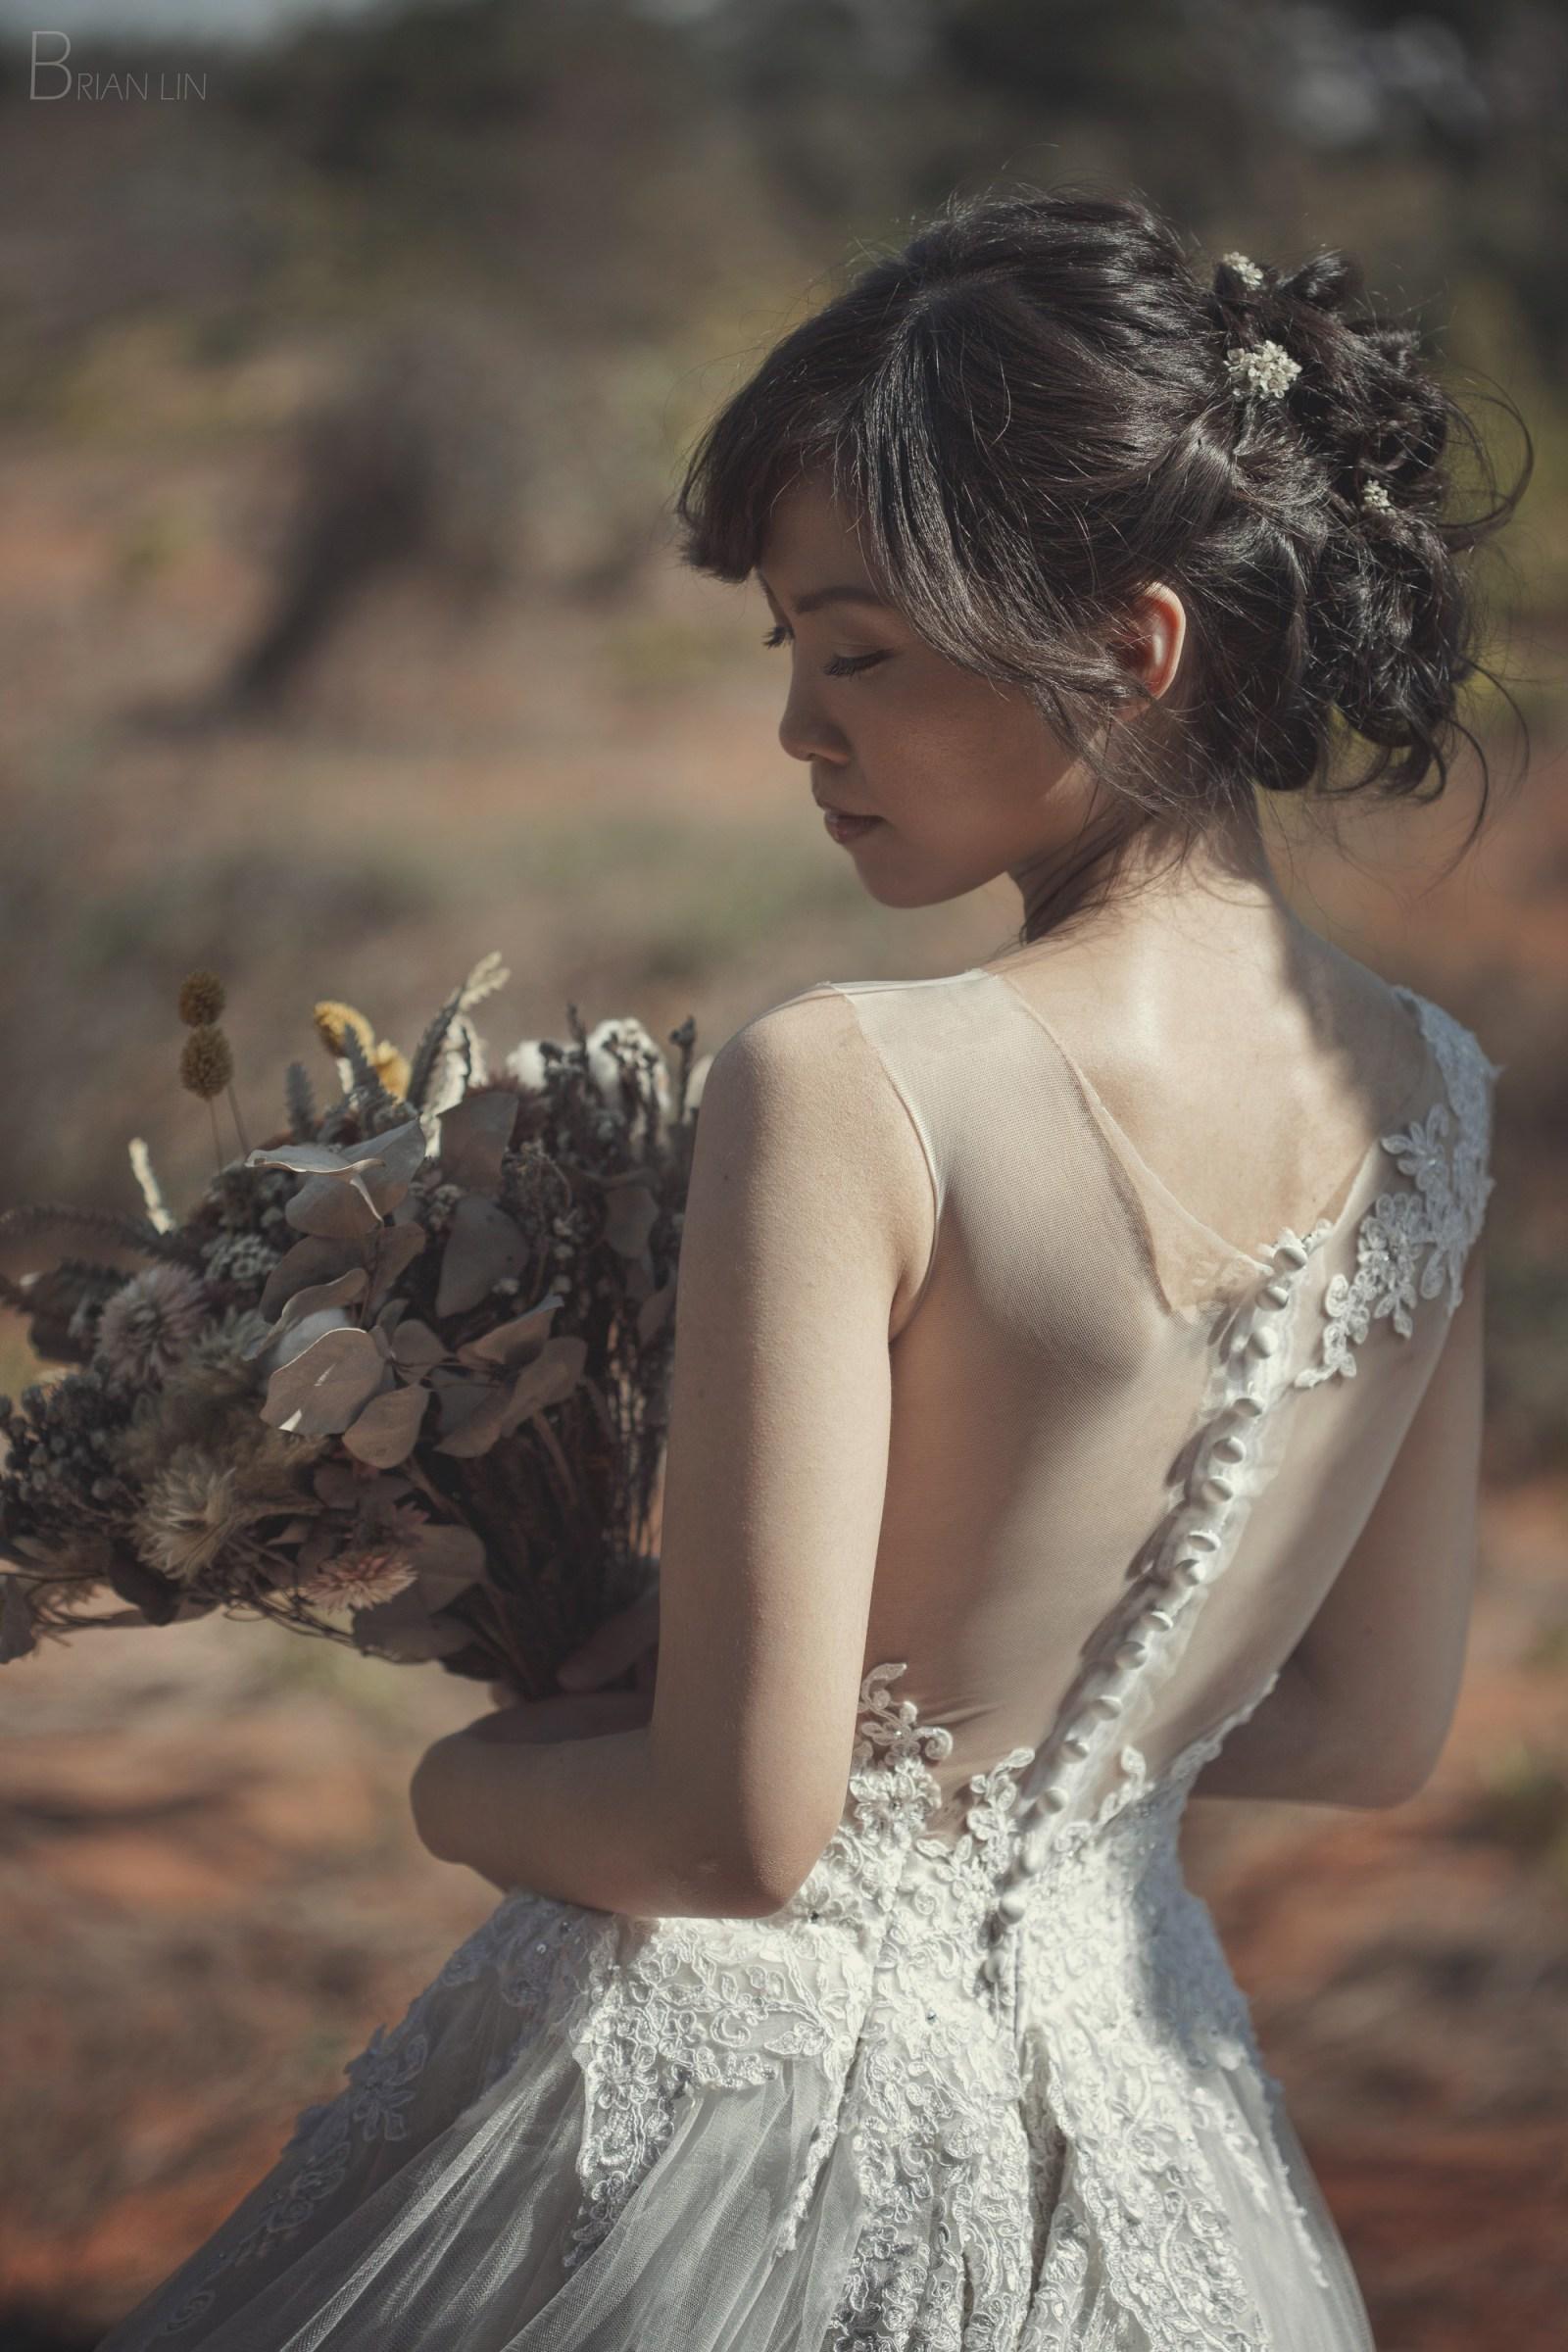 台灣婚紗攝影,自助婚紗,婚紗照,婚紗照風格,婚紗攝影,婚紗照姿勢